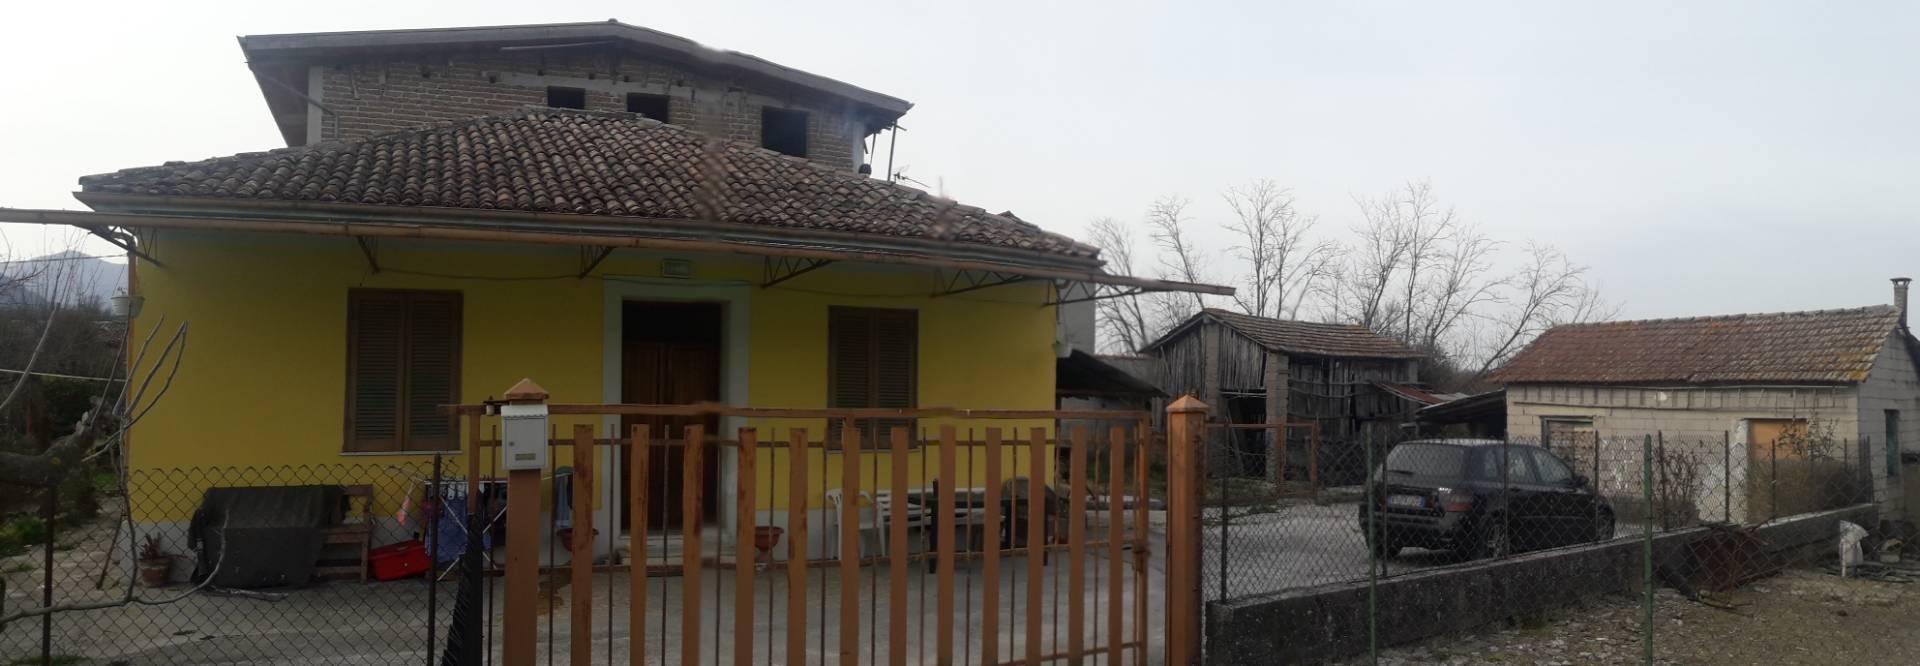 Soluzione Indipendente in vendita a Patrica, 7 locali, prezzo € 87.000 | CambioCasa.it